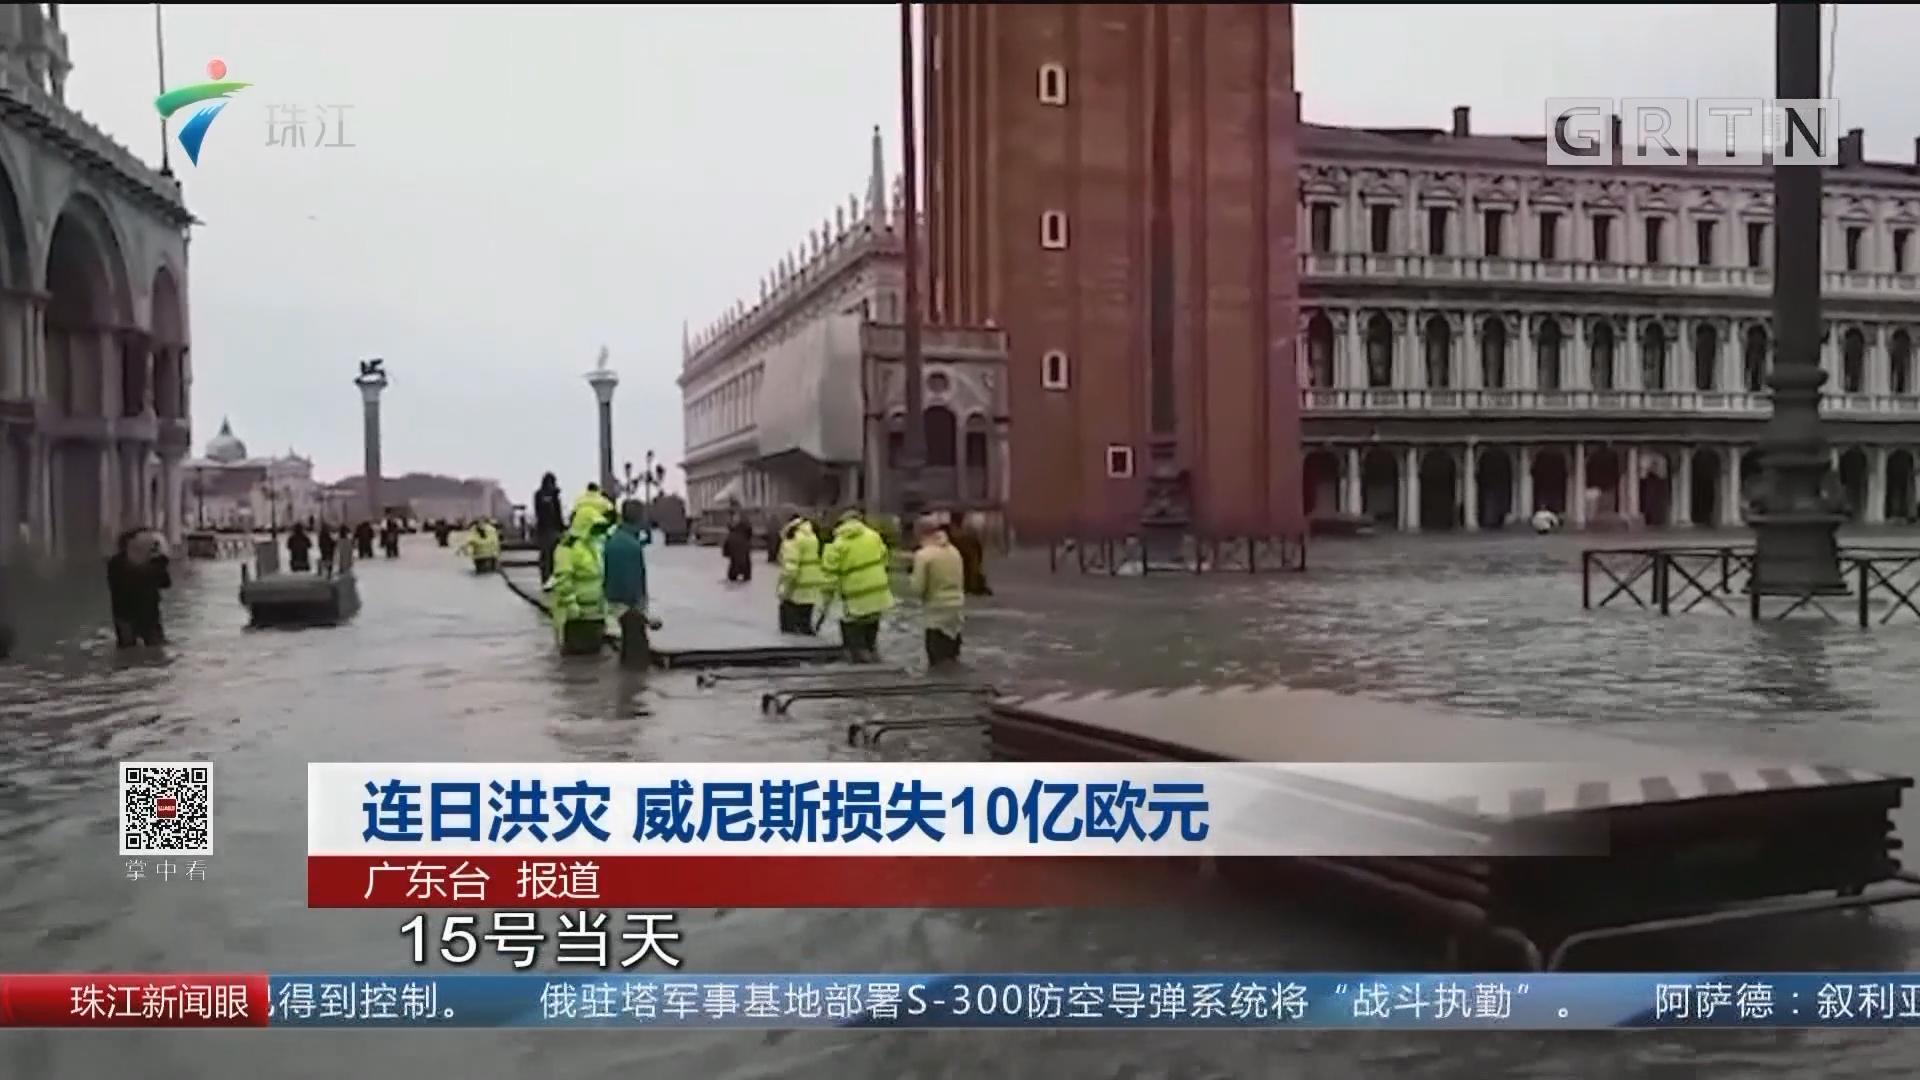 连日洪灾 威尼斯损失10亿欧元